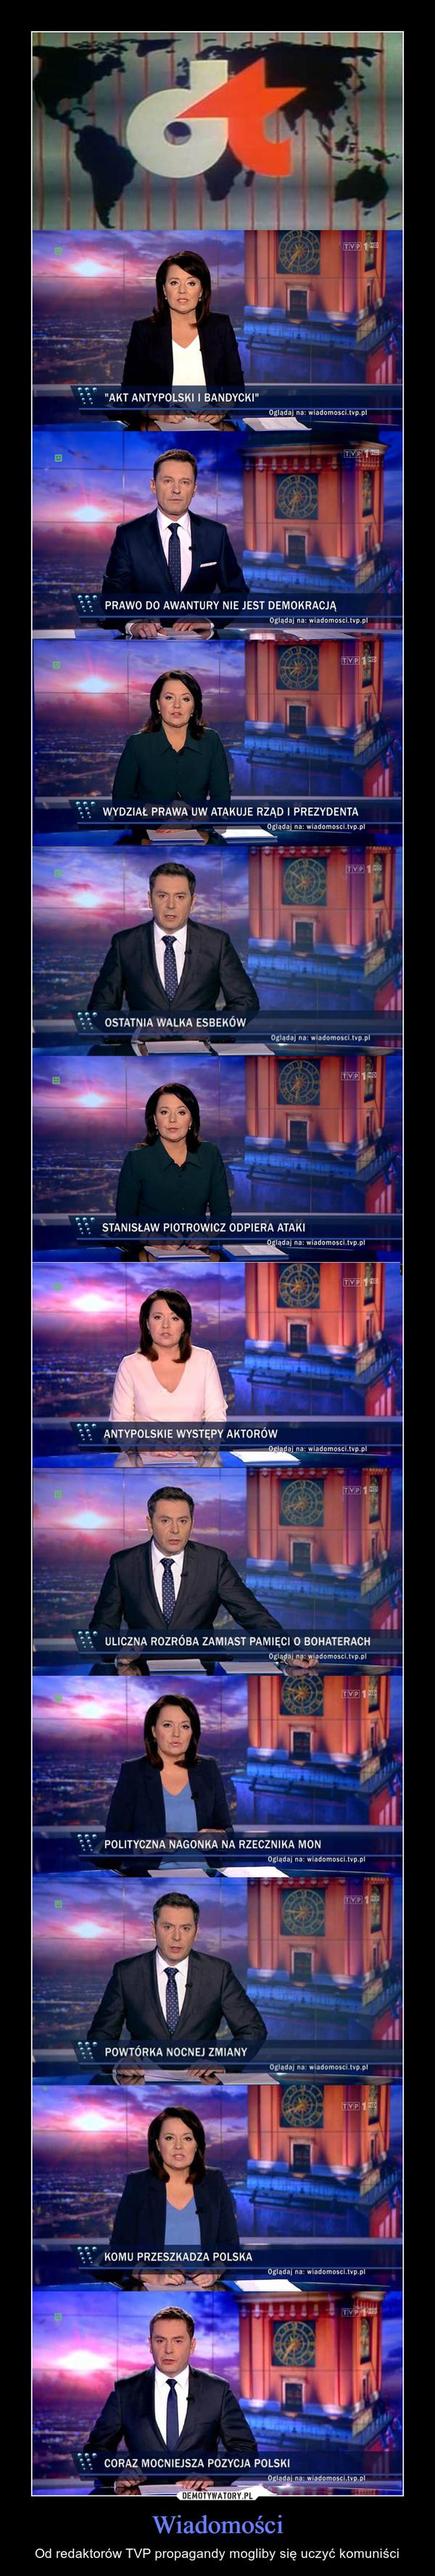 Wiadomości – Od redaktorów TVP propagandy mogliby się uczyć komuniści